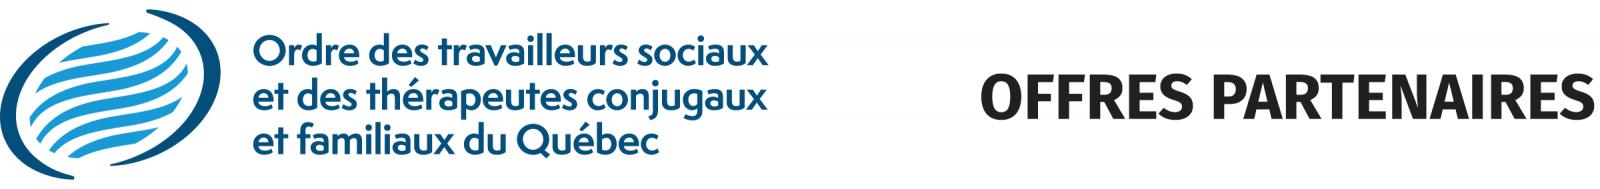 Logo Ordre des travailleurs sociaux et des thérapeutes conjugaux et familiaux du Québec (Offres partenaires)